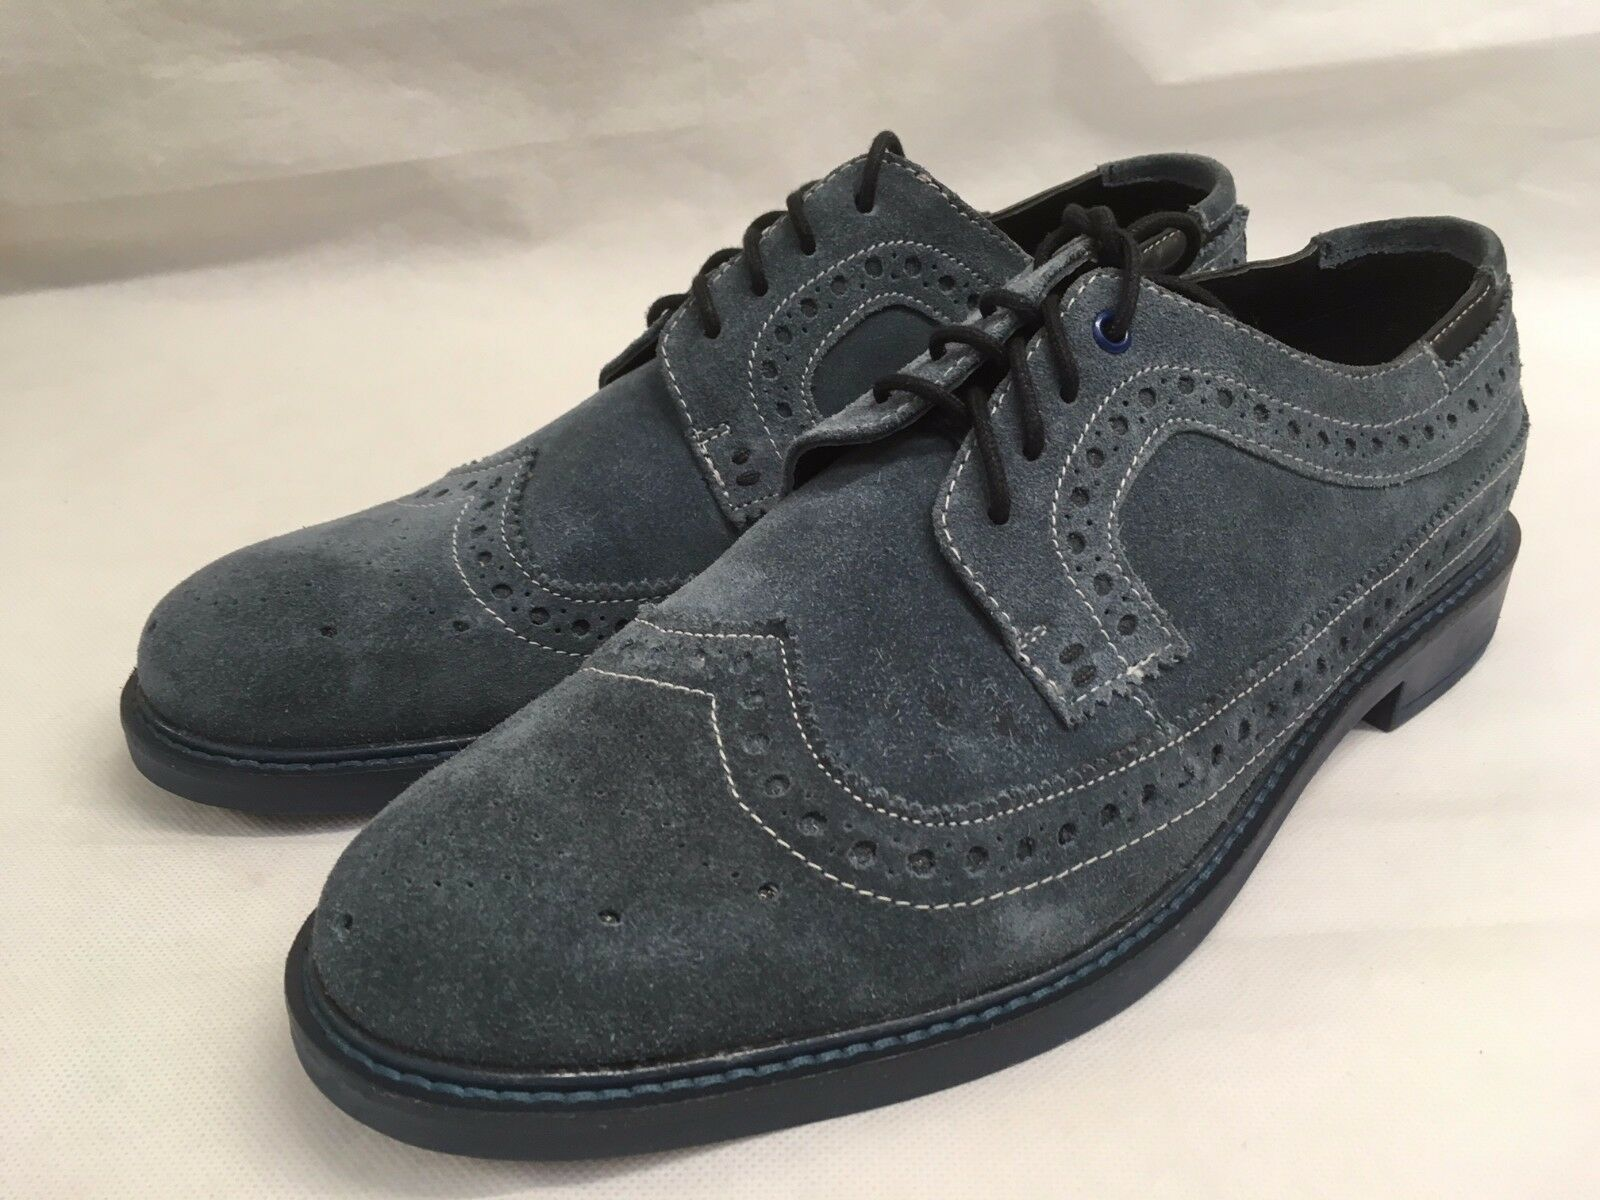 stanno facendo attività di sconto Goodwin Smith Smith Smith Uomo Blu CALATA Suede scarpe.  Sito ufficiale